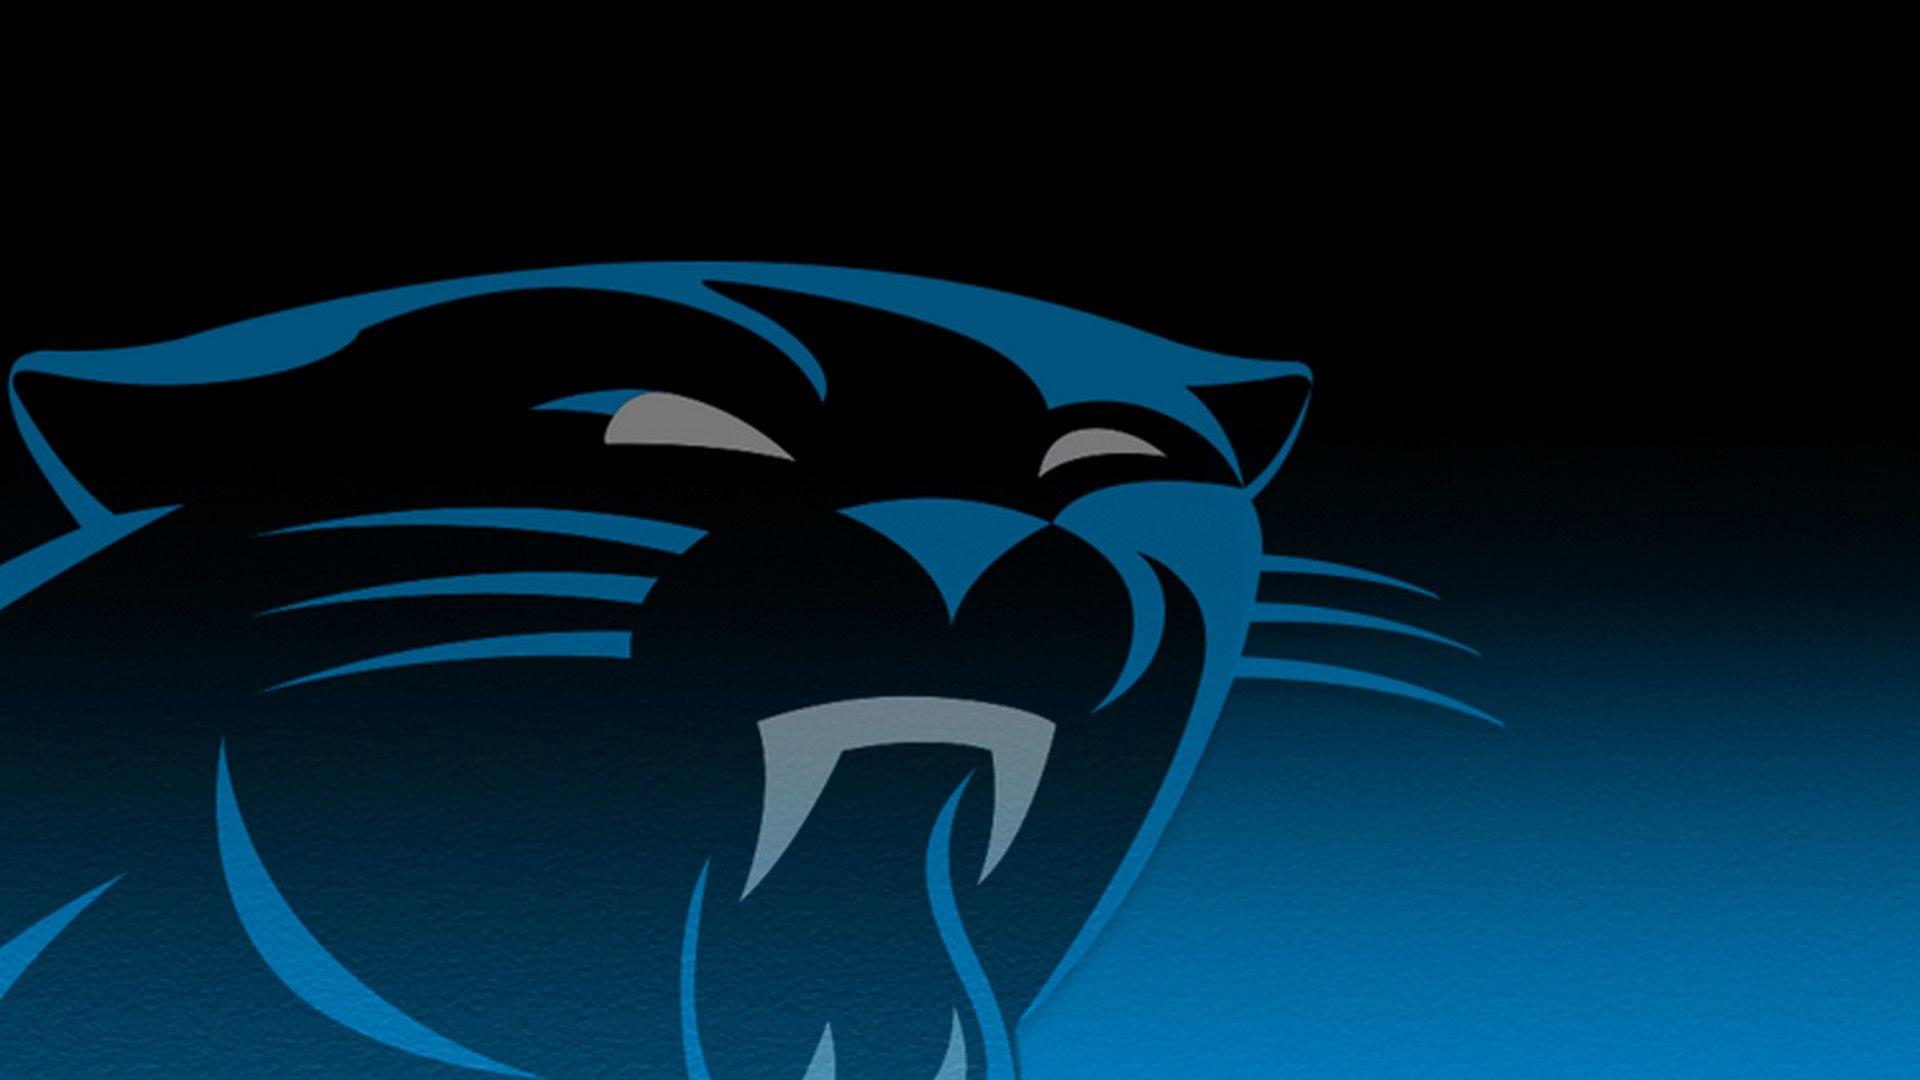 Carolina Panthers Wallpaper Iphone Carolina Panthers Wallpaper Carolina Panthers Football Carolina Panthers Logo